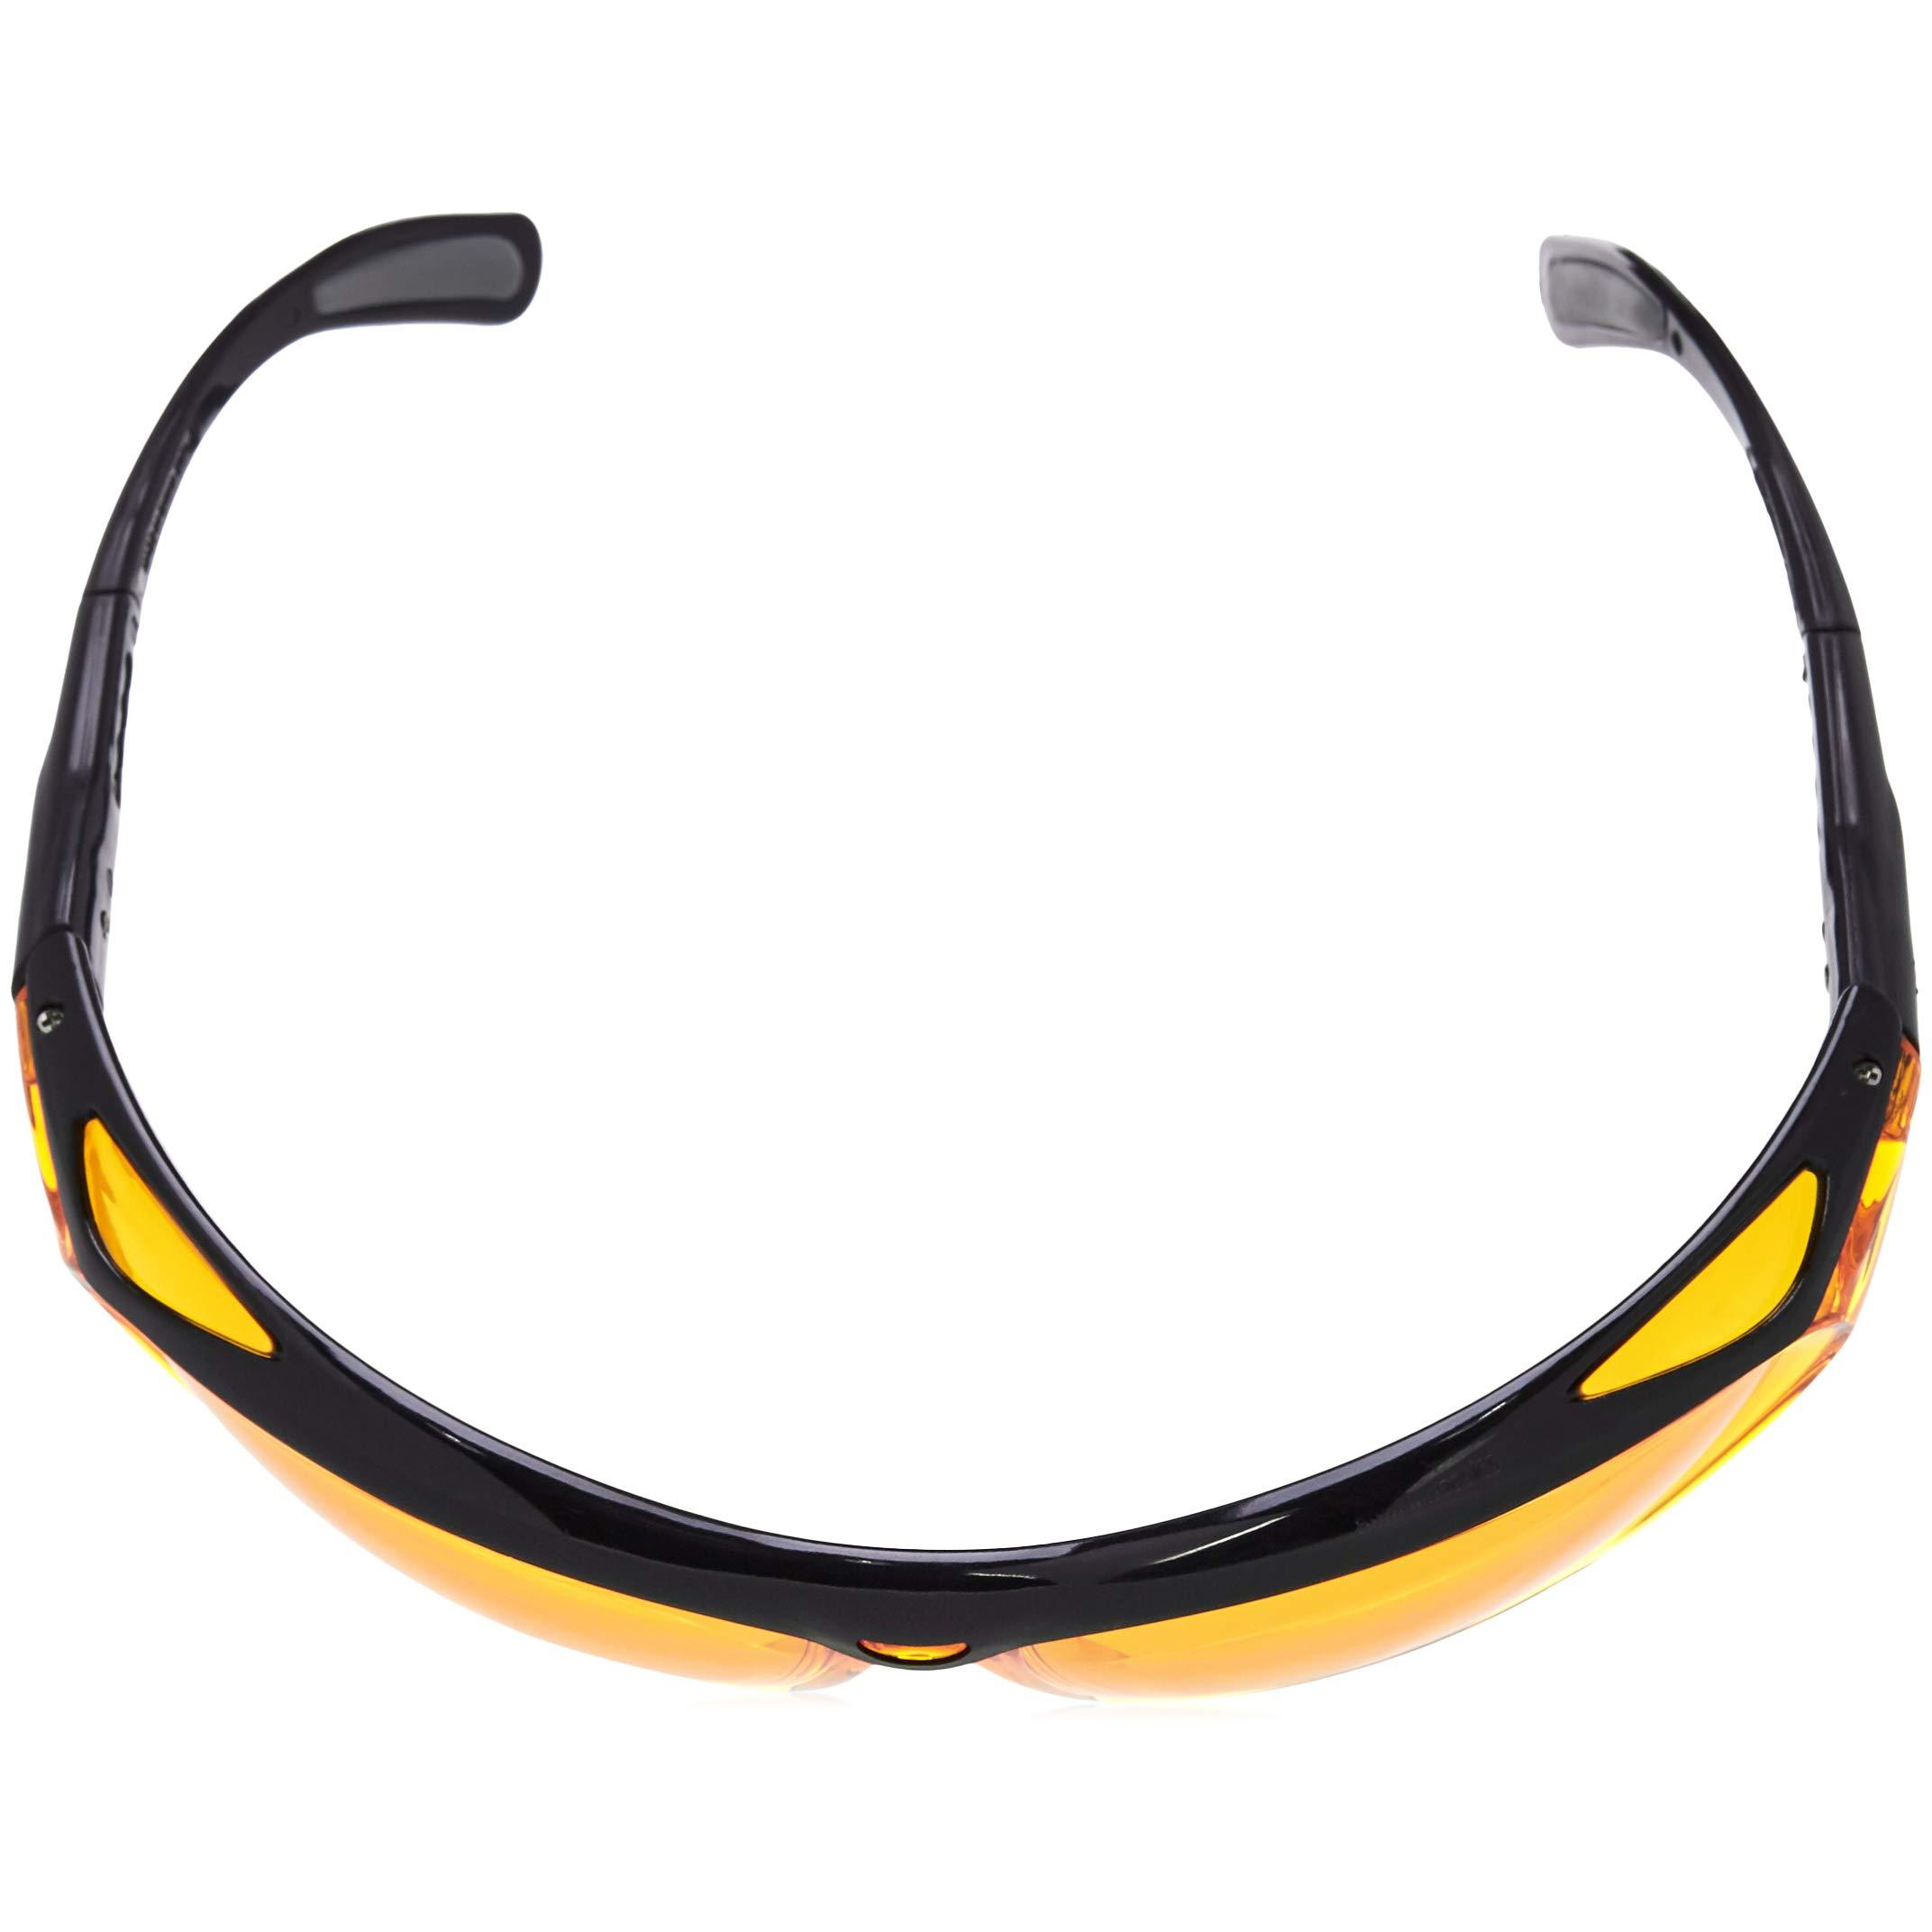 AmazonBasics Blue Light Blocking Safety Glasses, Anti-Fog, Orange Lens, 6-Count by AmazonBasics (Image #6)